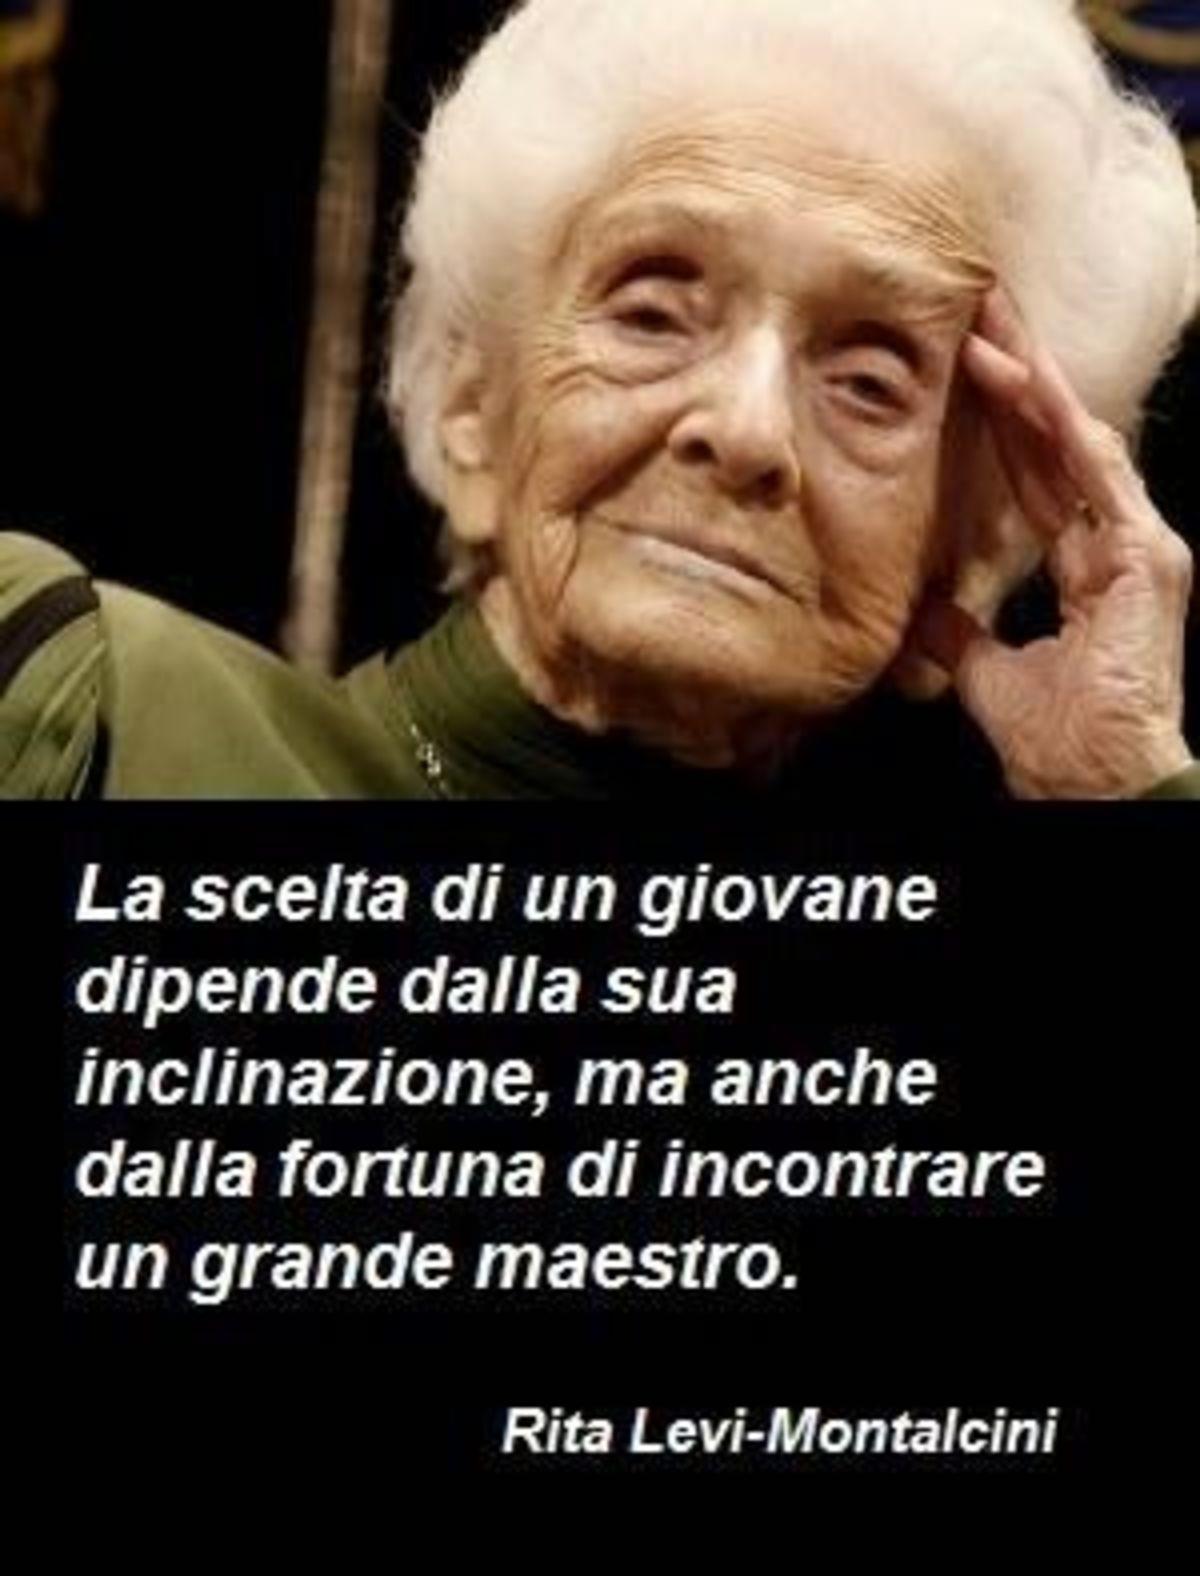 La scelta di un giovane dipende dalla sua inclinazione, ma anche dalla fortuna di incontrare un grande maestro. Rita Levi Montalcini